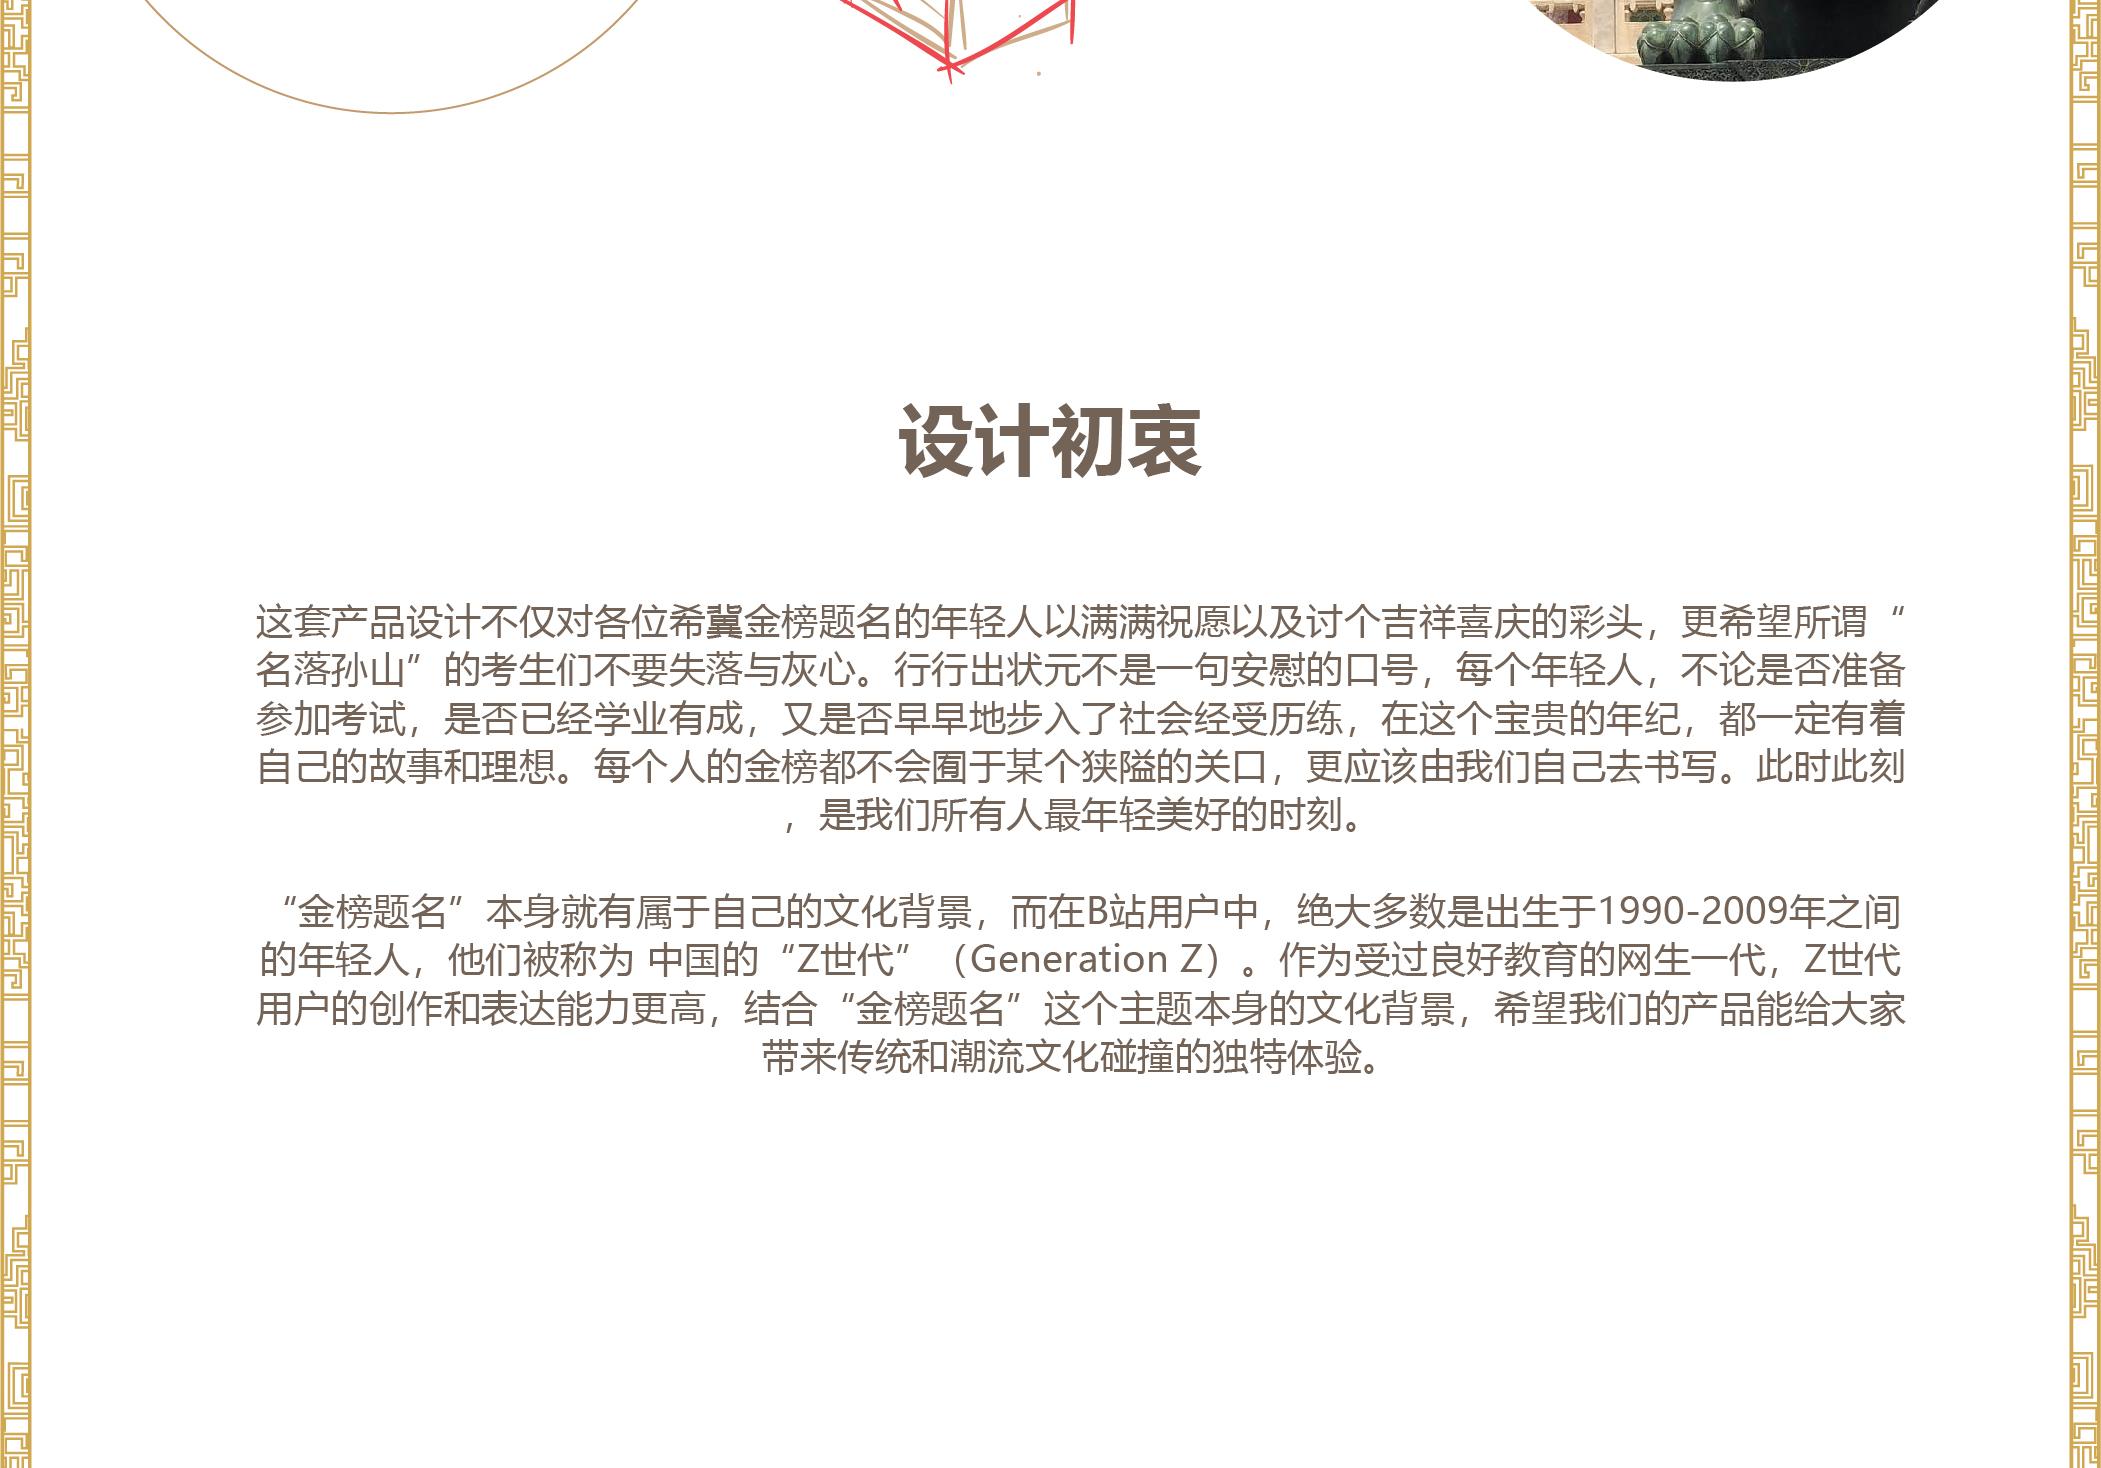 长图详情-45.jpg